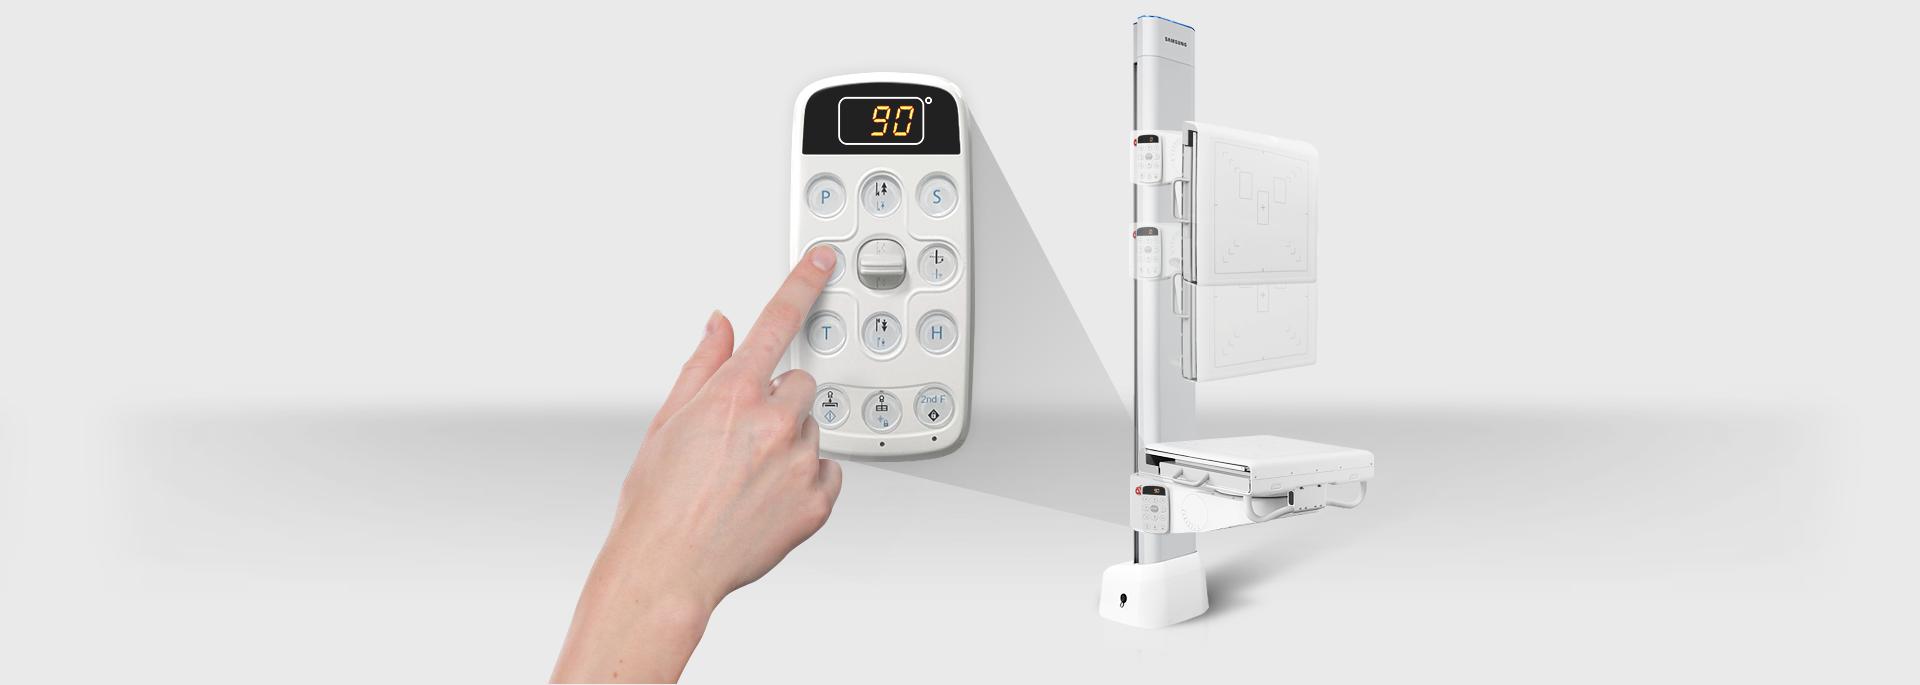 Im Vordergrund zeigt ein Finger auf das Bedienpanel, im Hintergrund sieht man das Stativ des digitalen Röntgensystems GC85A von Samsung.